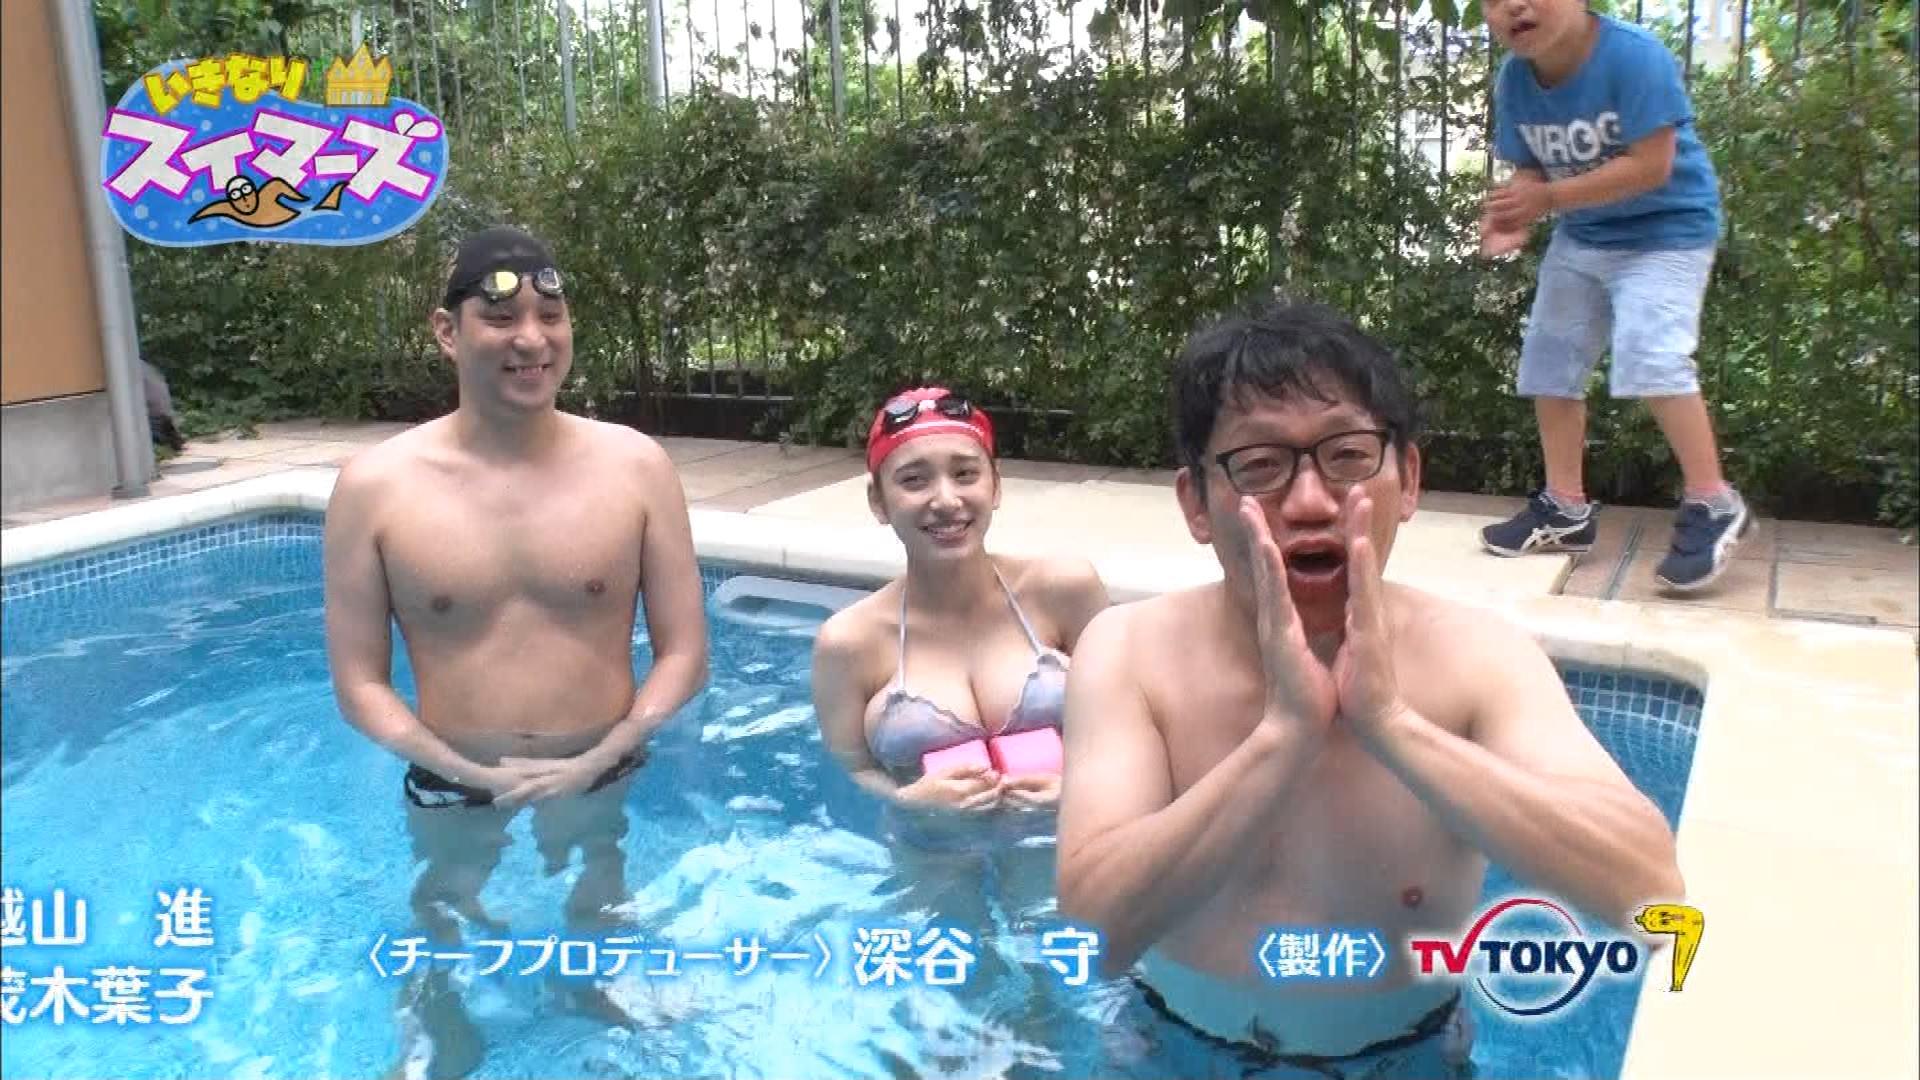 都丸紗也華_ビキニ_ニップレス_テレビキャプ画像_30